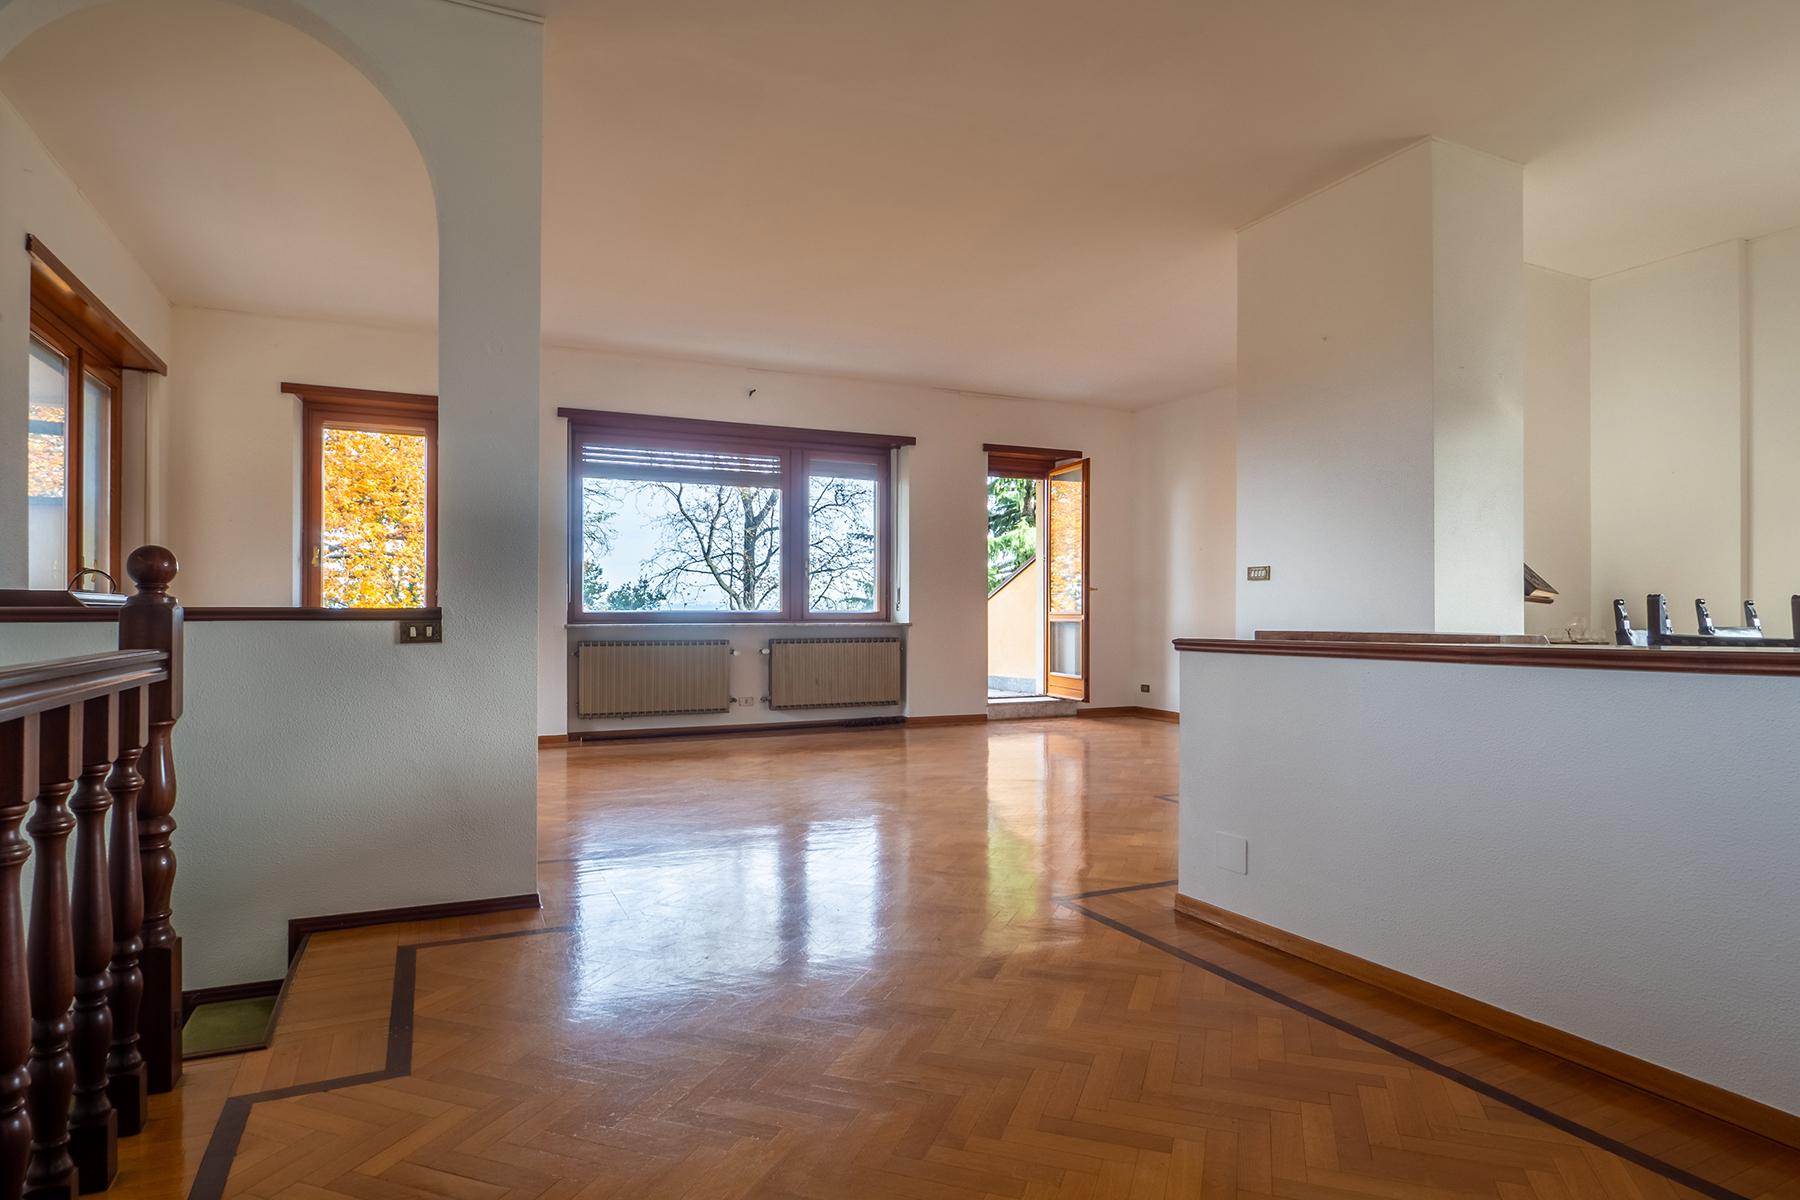 Casa indipendente in Vendita a Torino via viale innocenzo contini